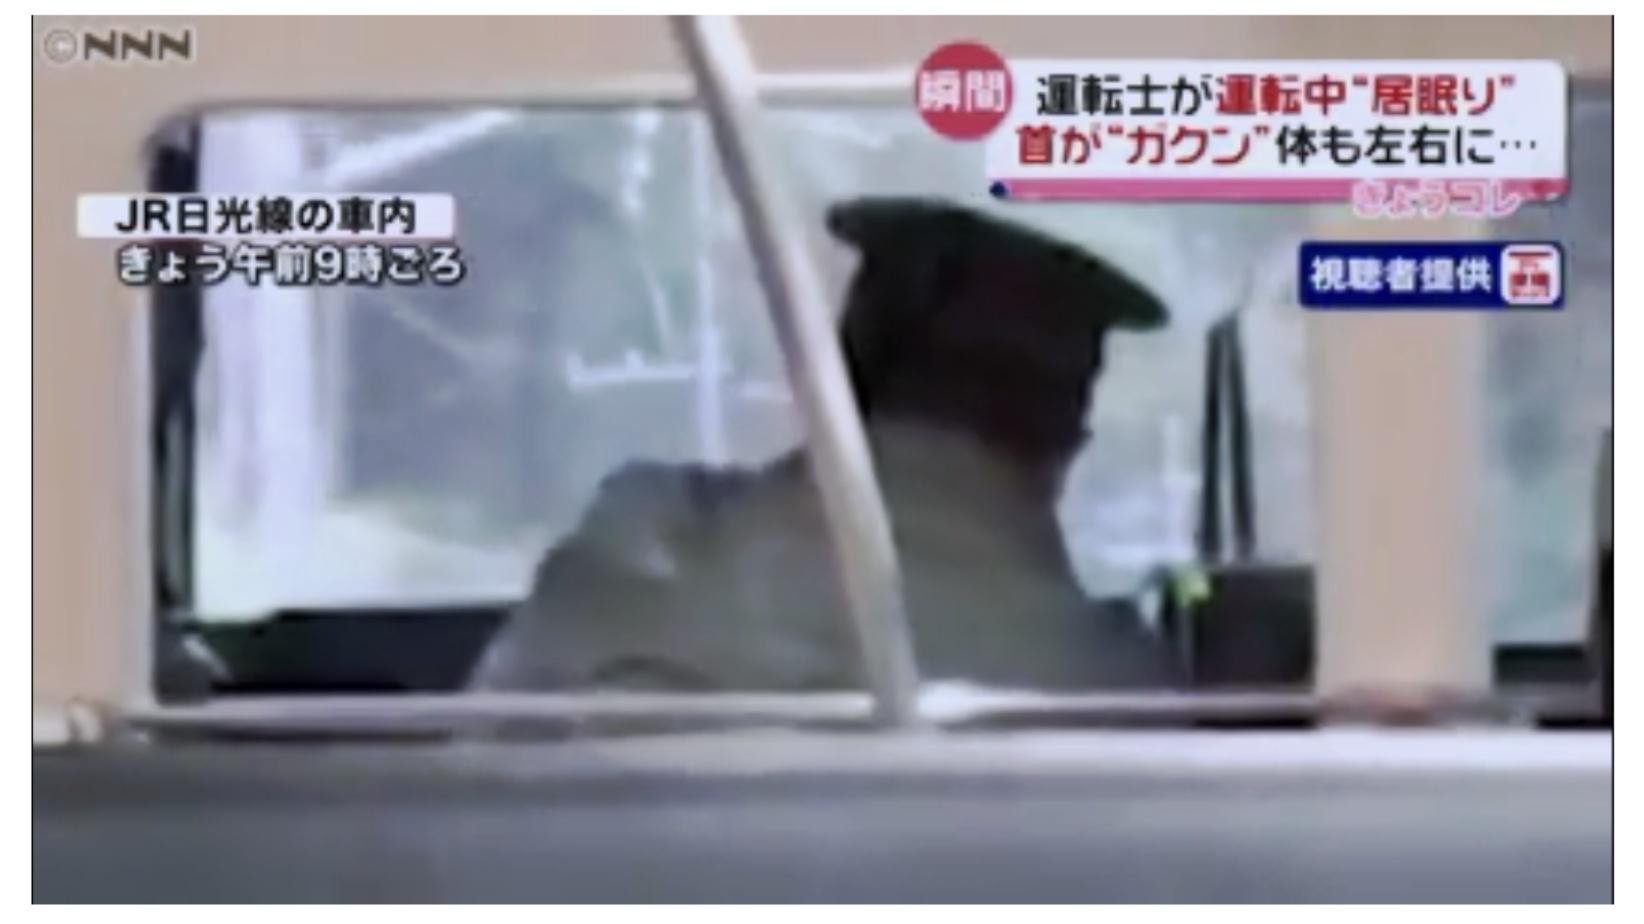 JR日光線で居眠り運転 乗客が動画をマスコミに提供し発覚 運転士「撮るだけじゃなくて起こして」